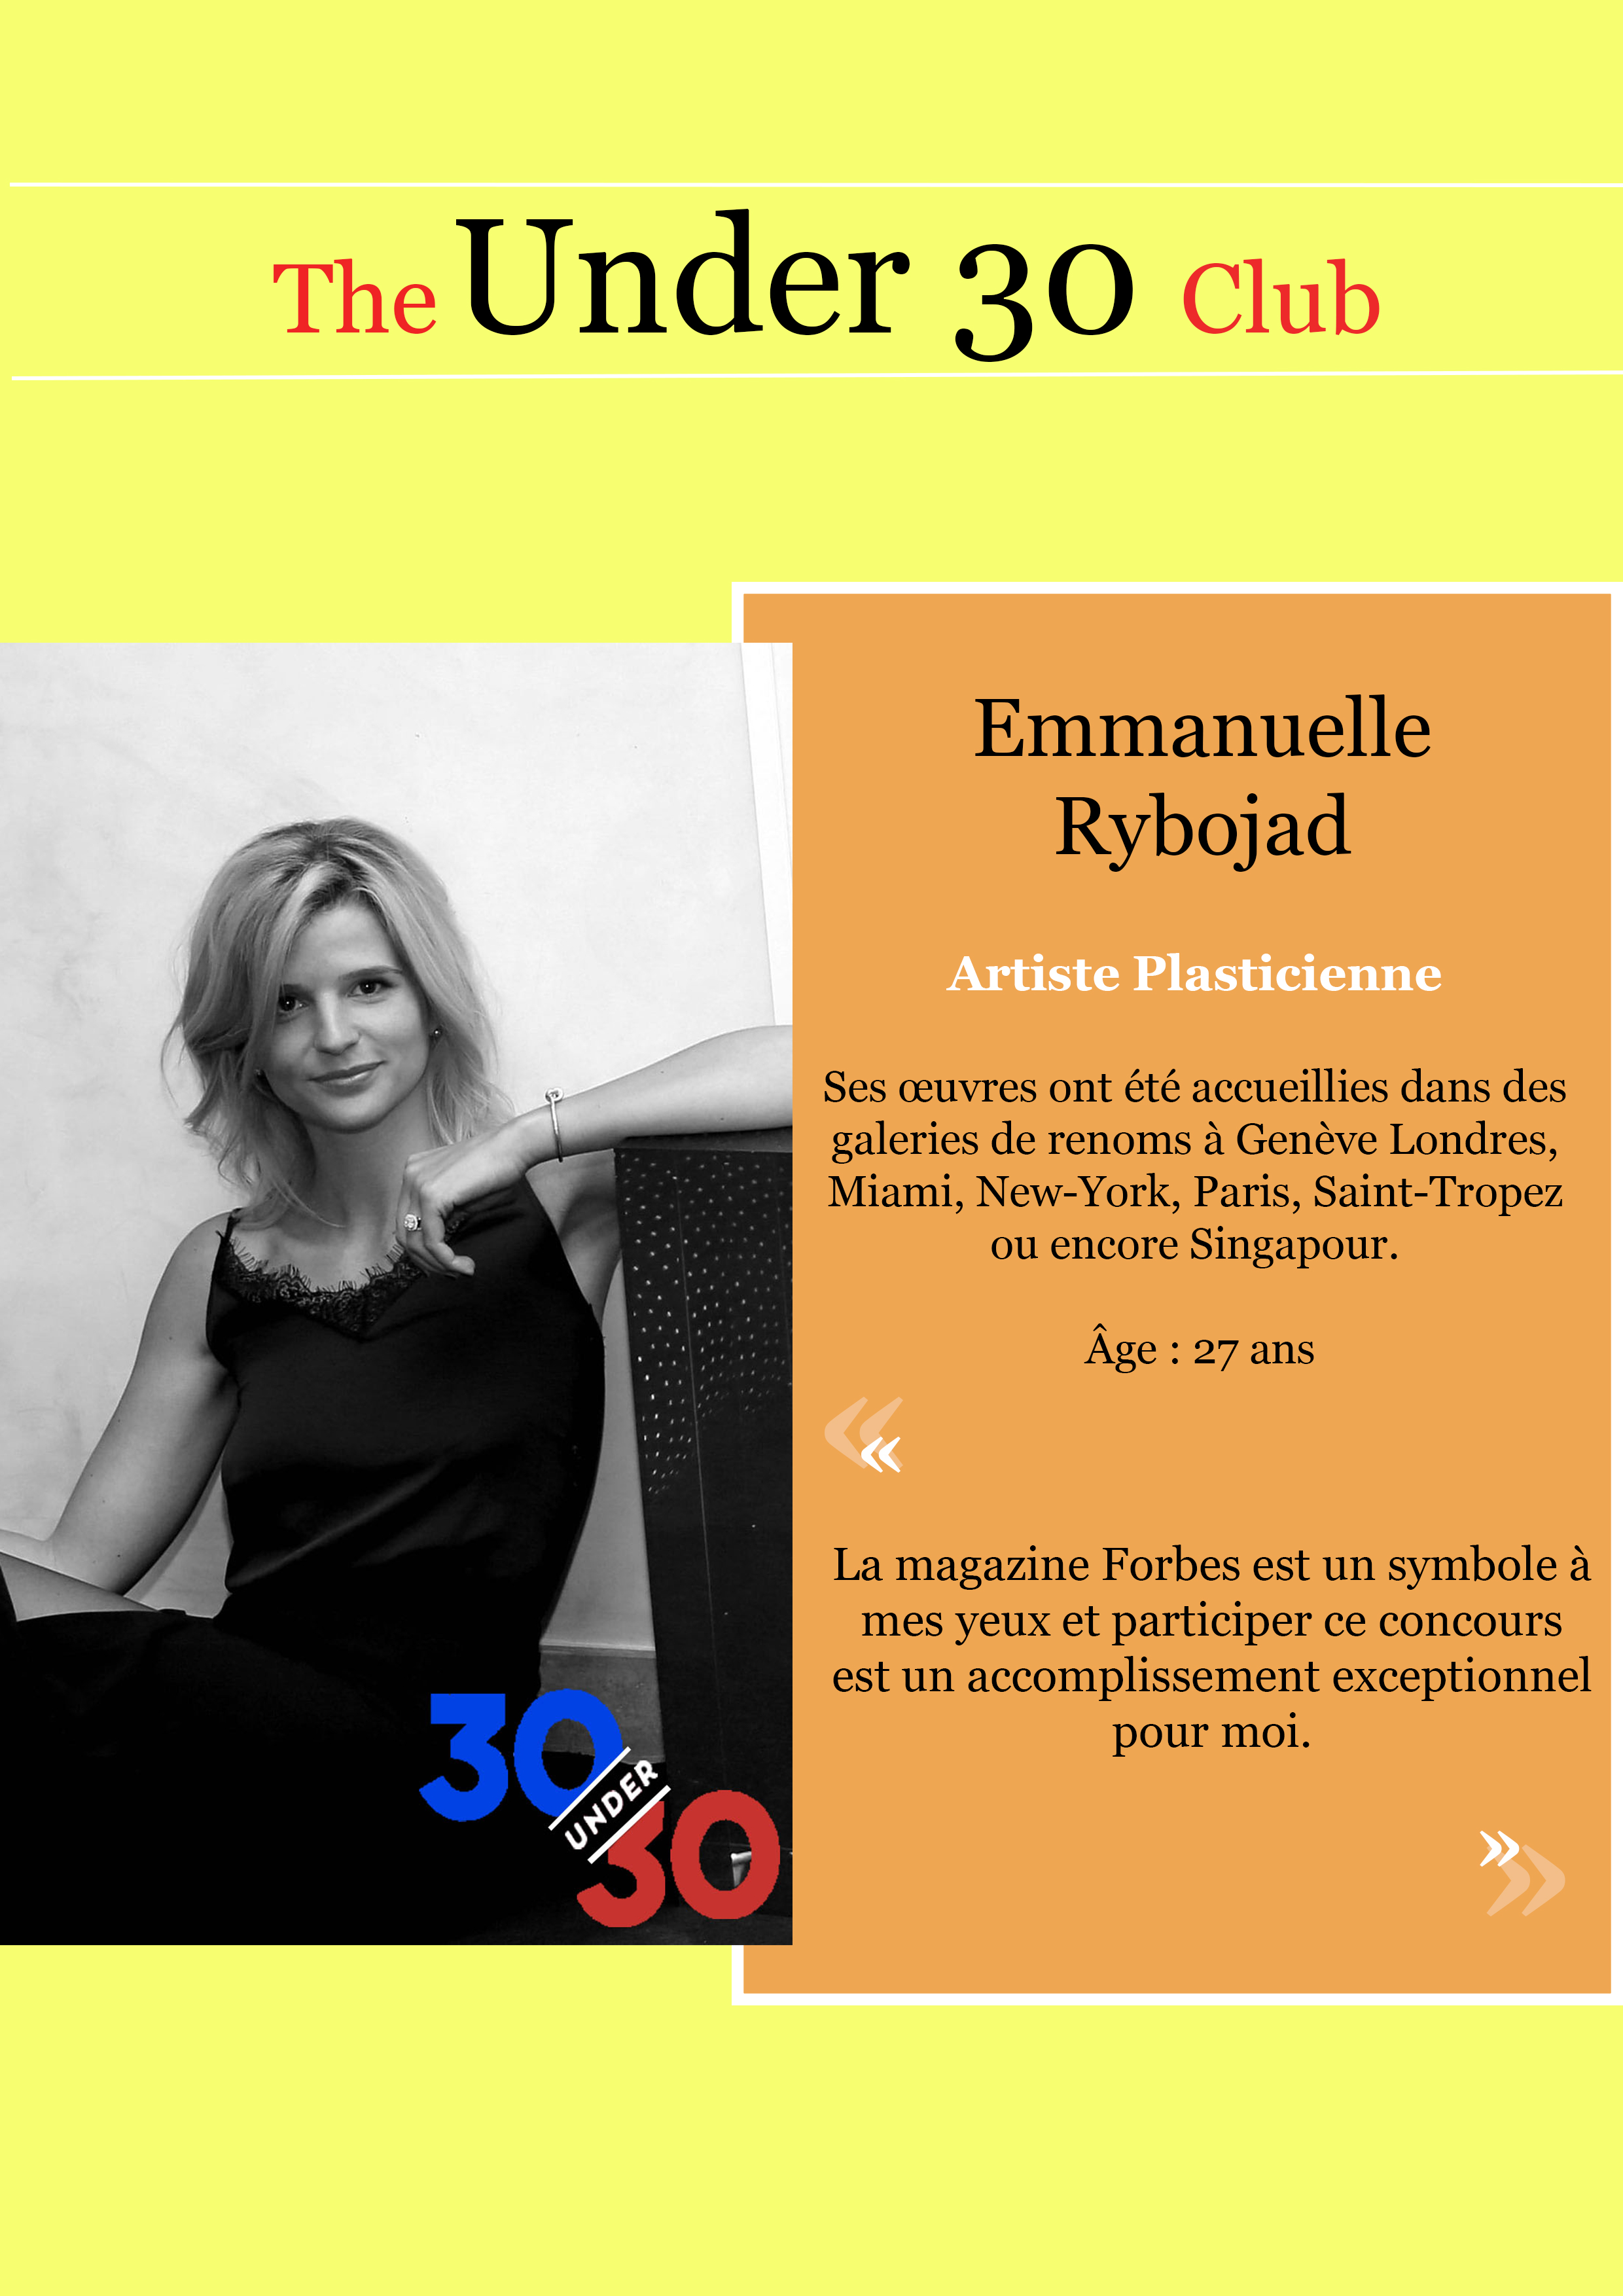 Emmanuelle Rybojad